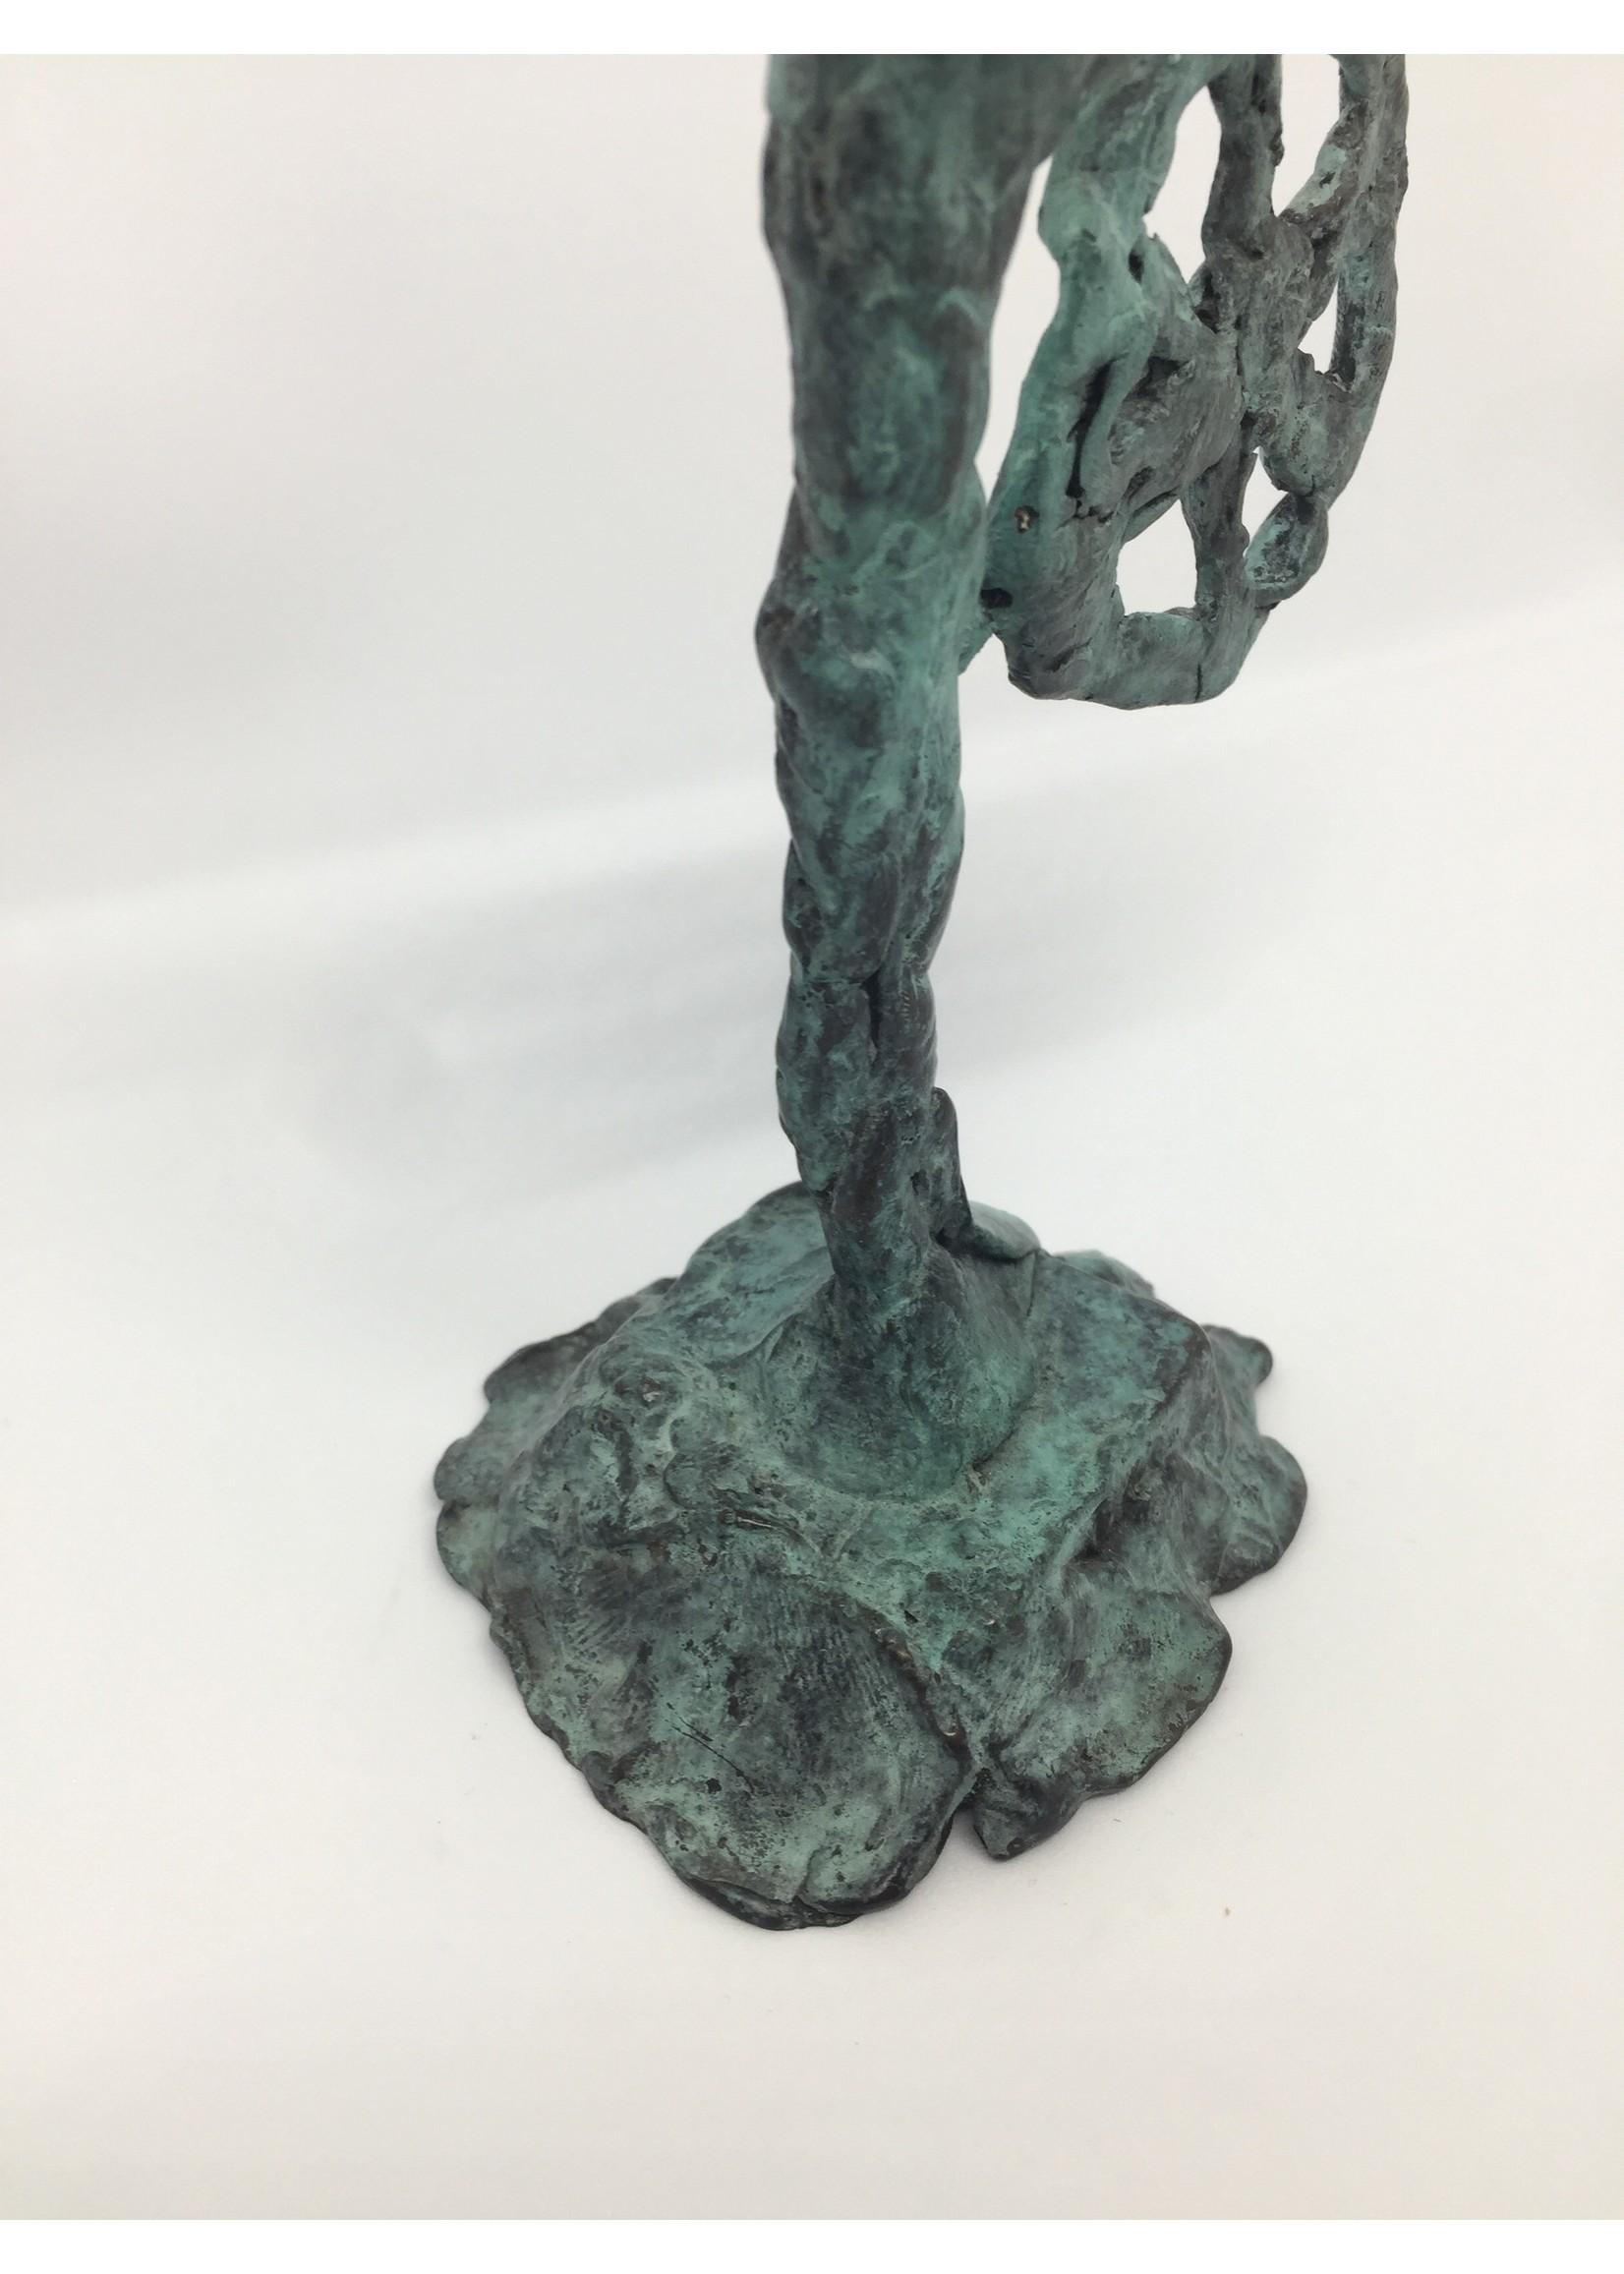 'The journey' - Denise Kamp (Bronze)